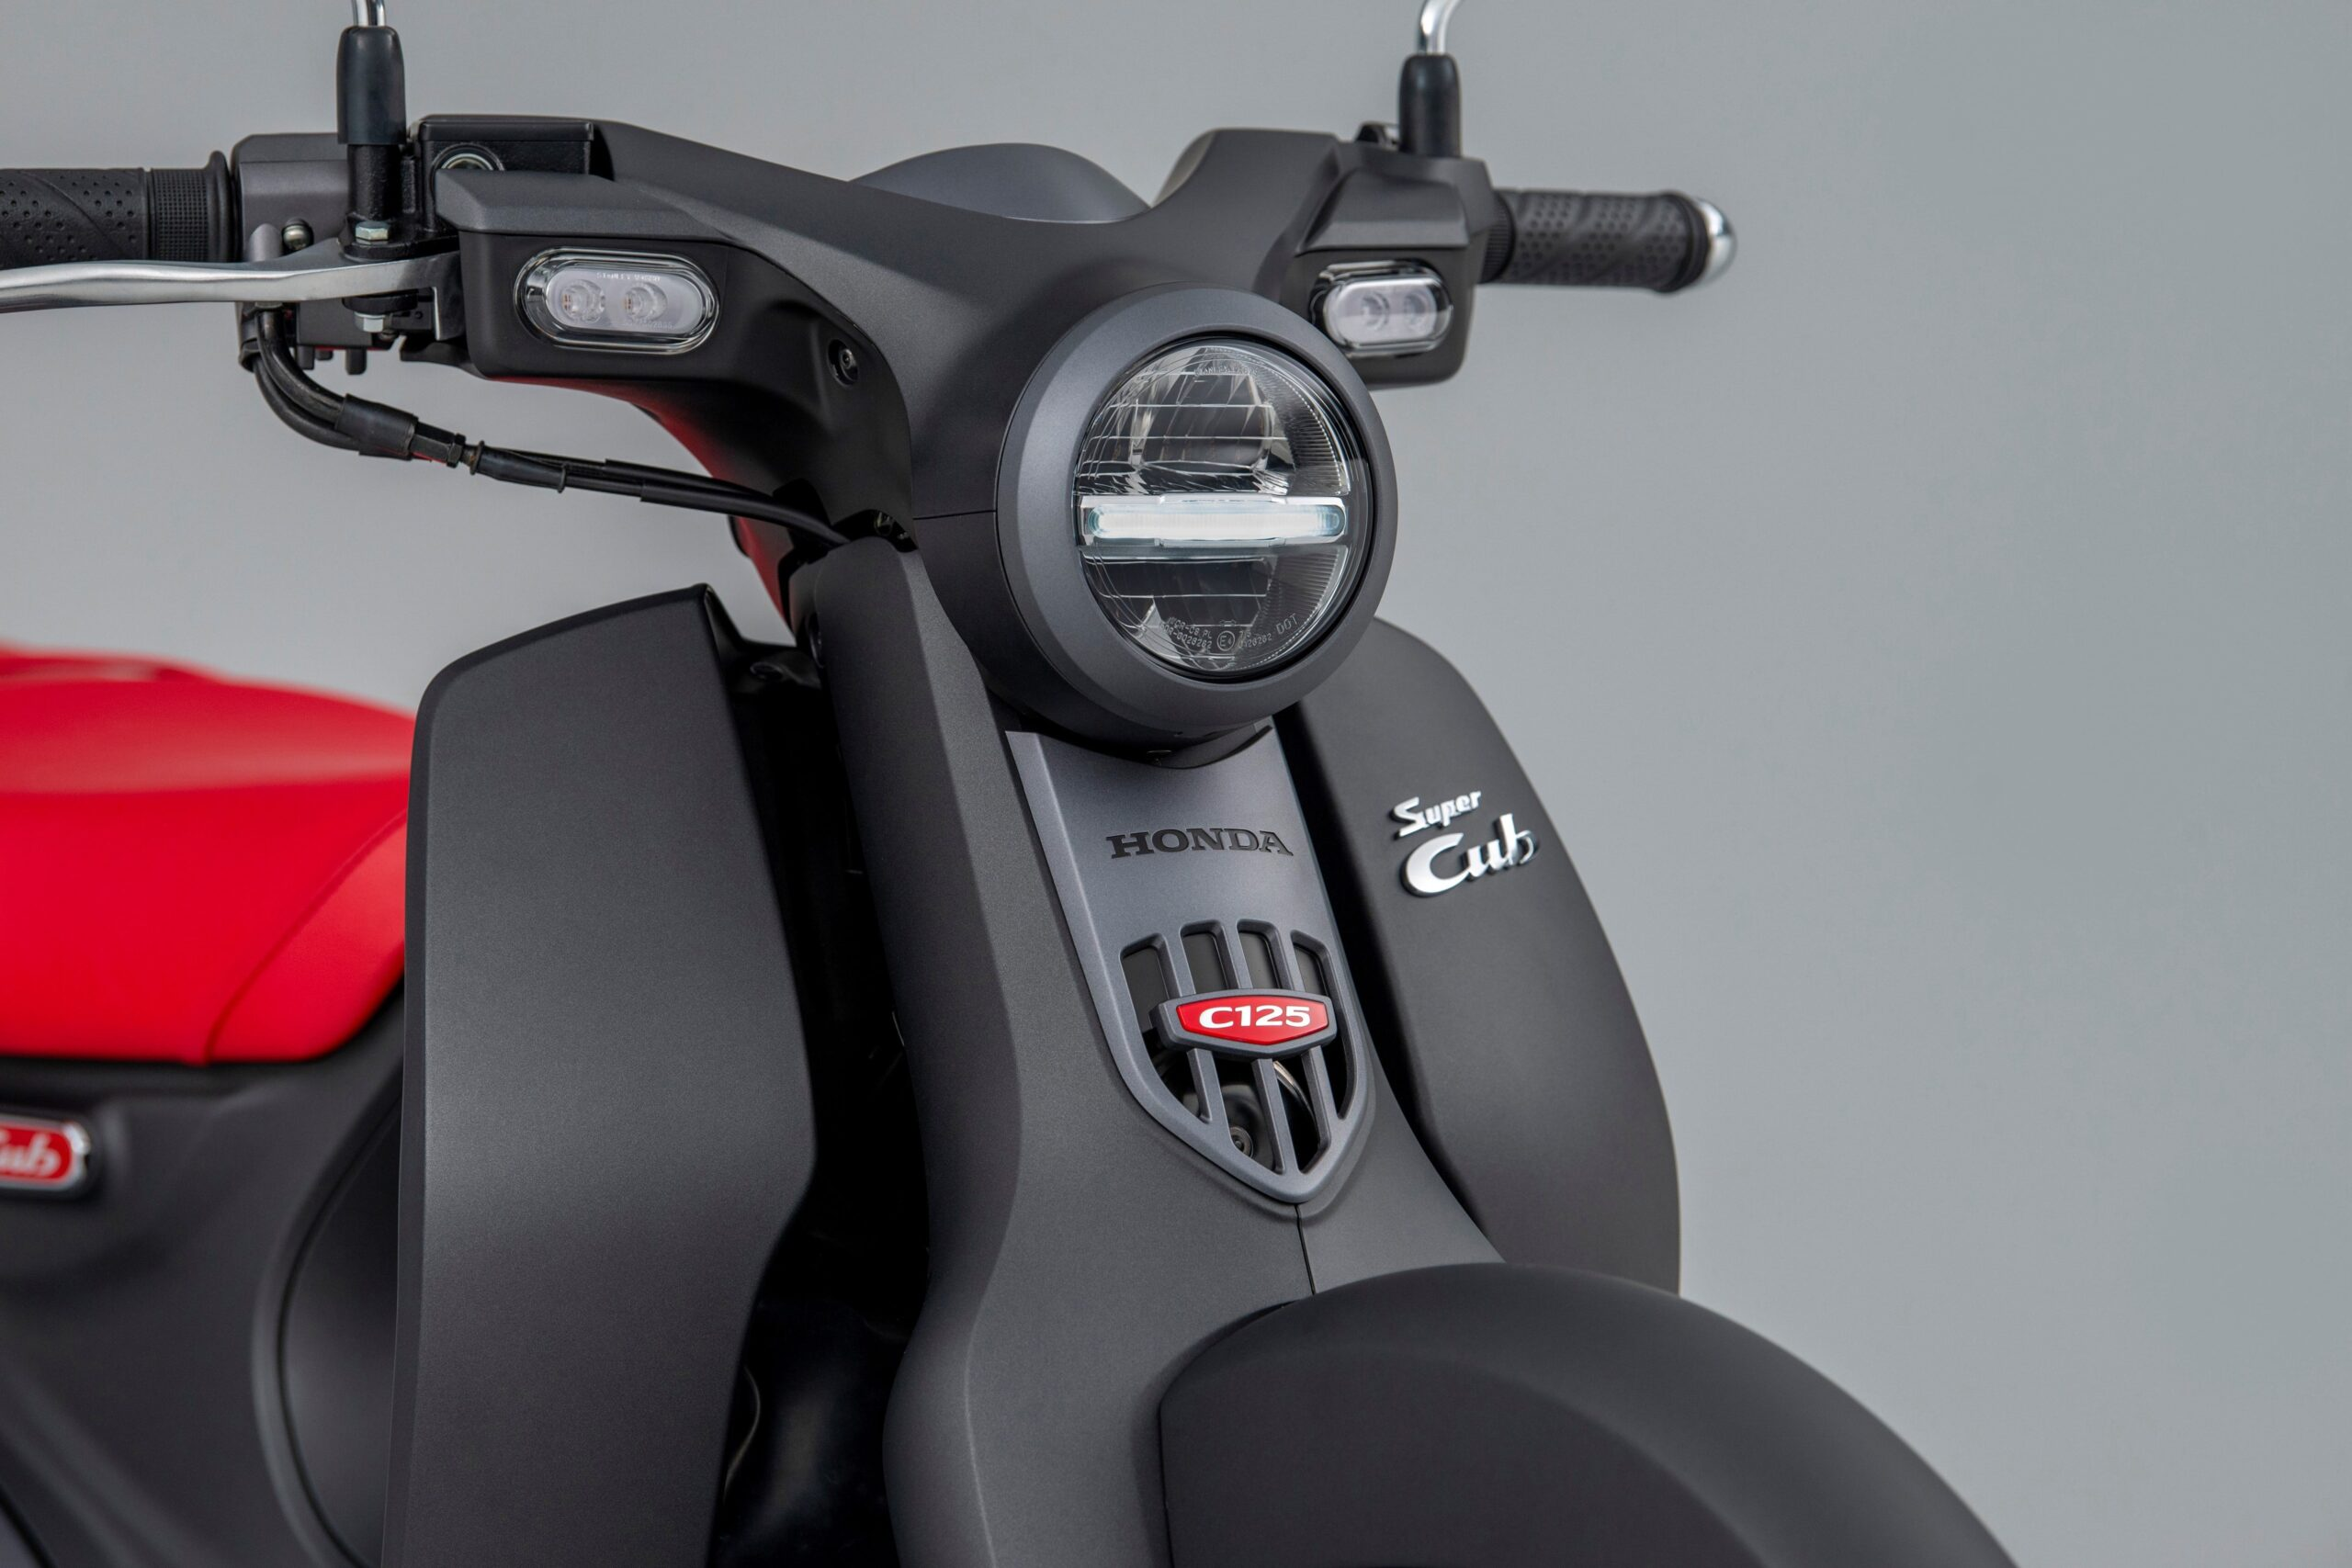 Honda Super Cub 125_02